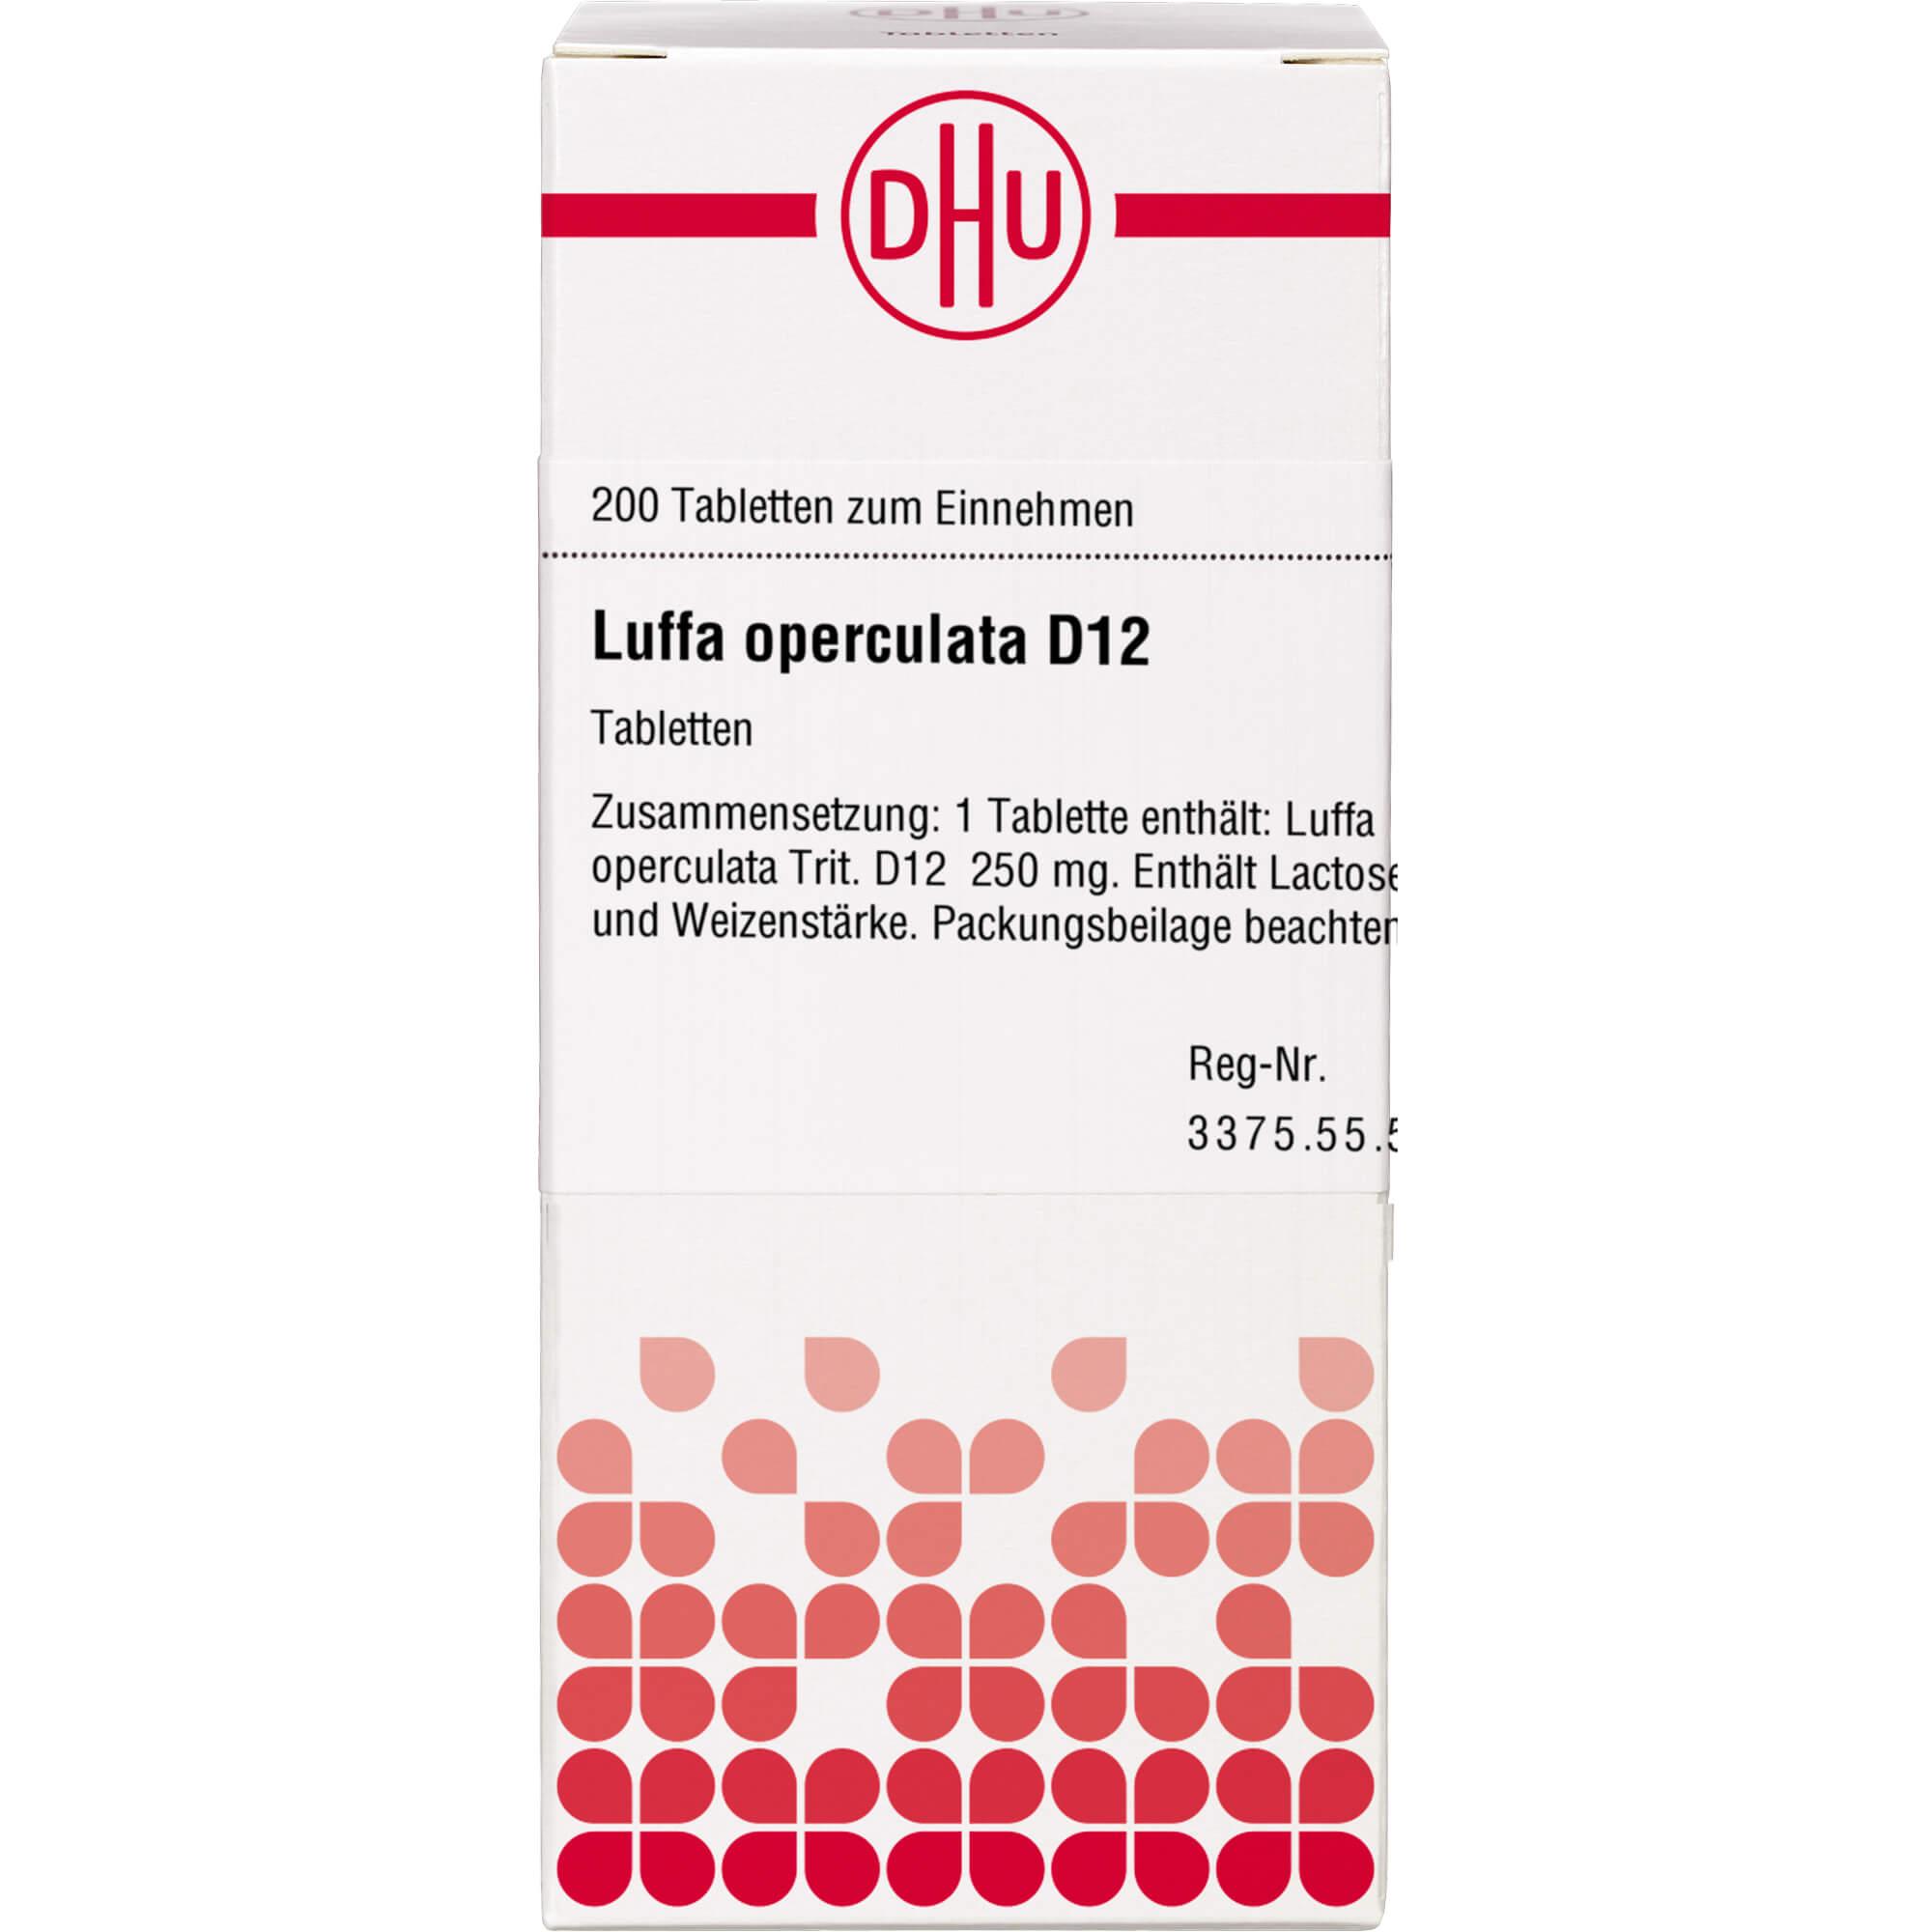 LUFFA OPERCULATA D 12 Tabletten